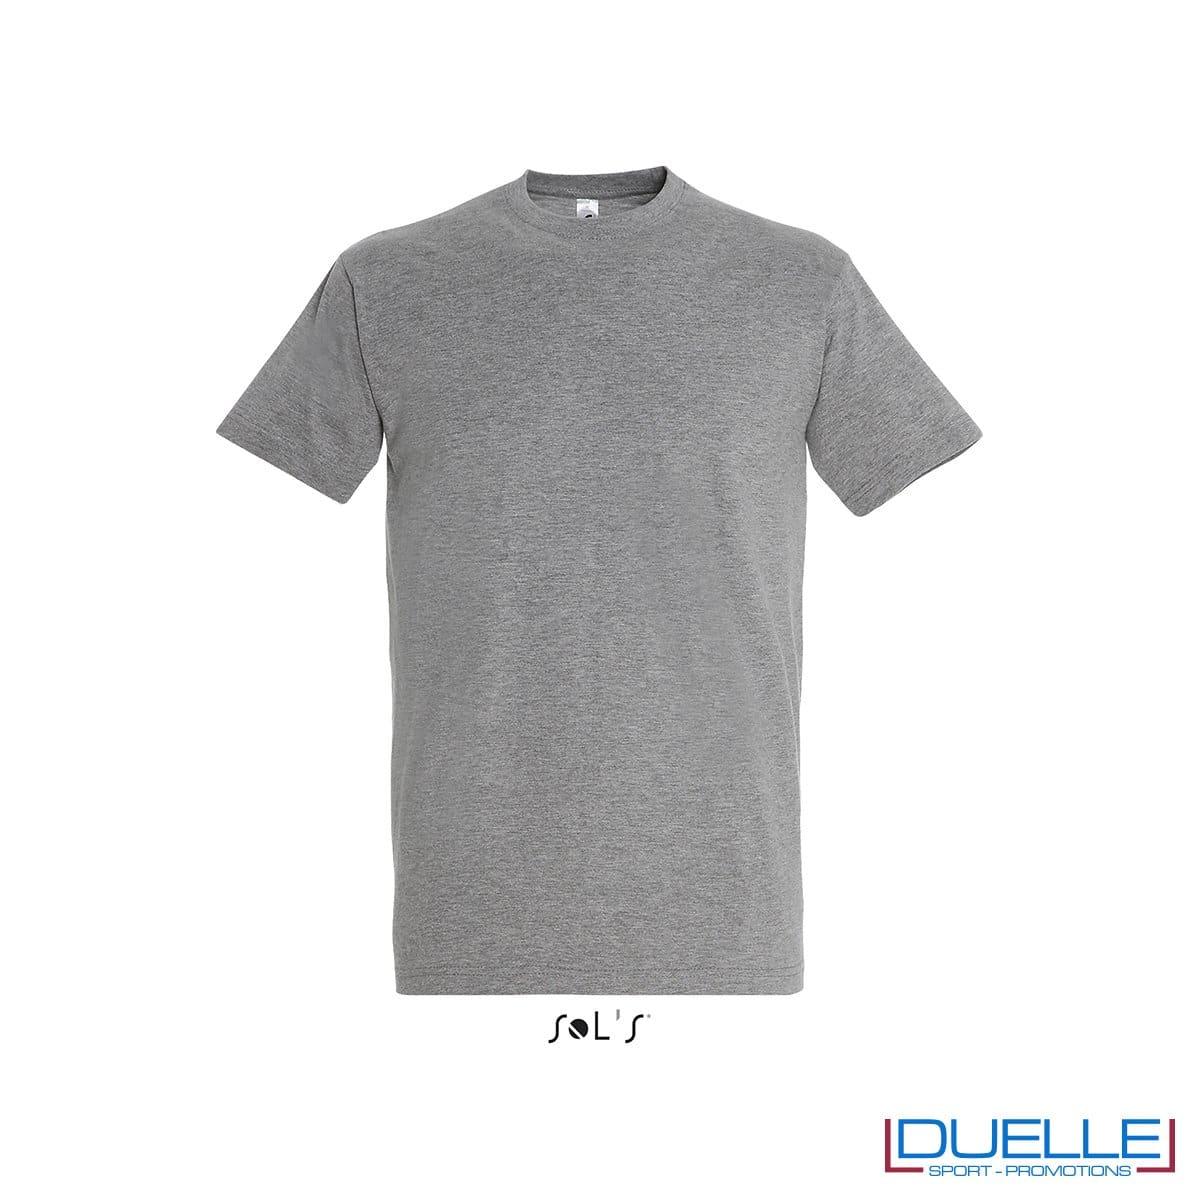 Tshirt promozionale in cotone pesante colore grigio melange personalizzata con stampa o ricamo